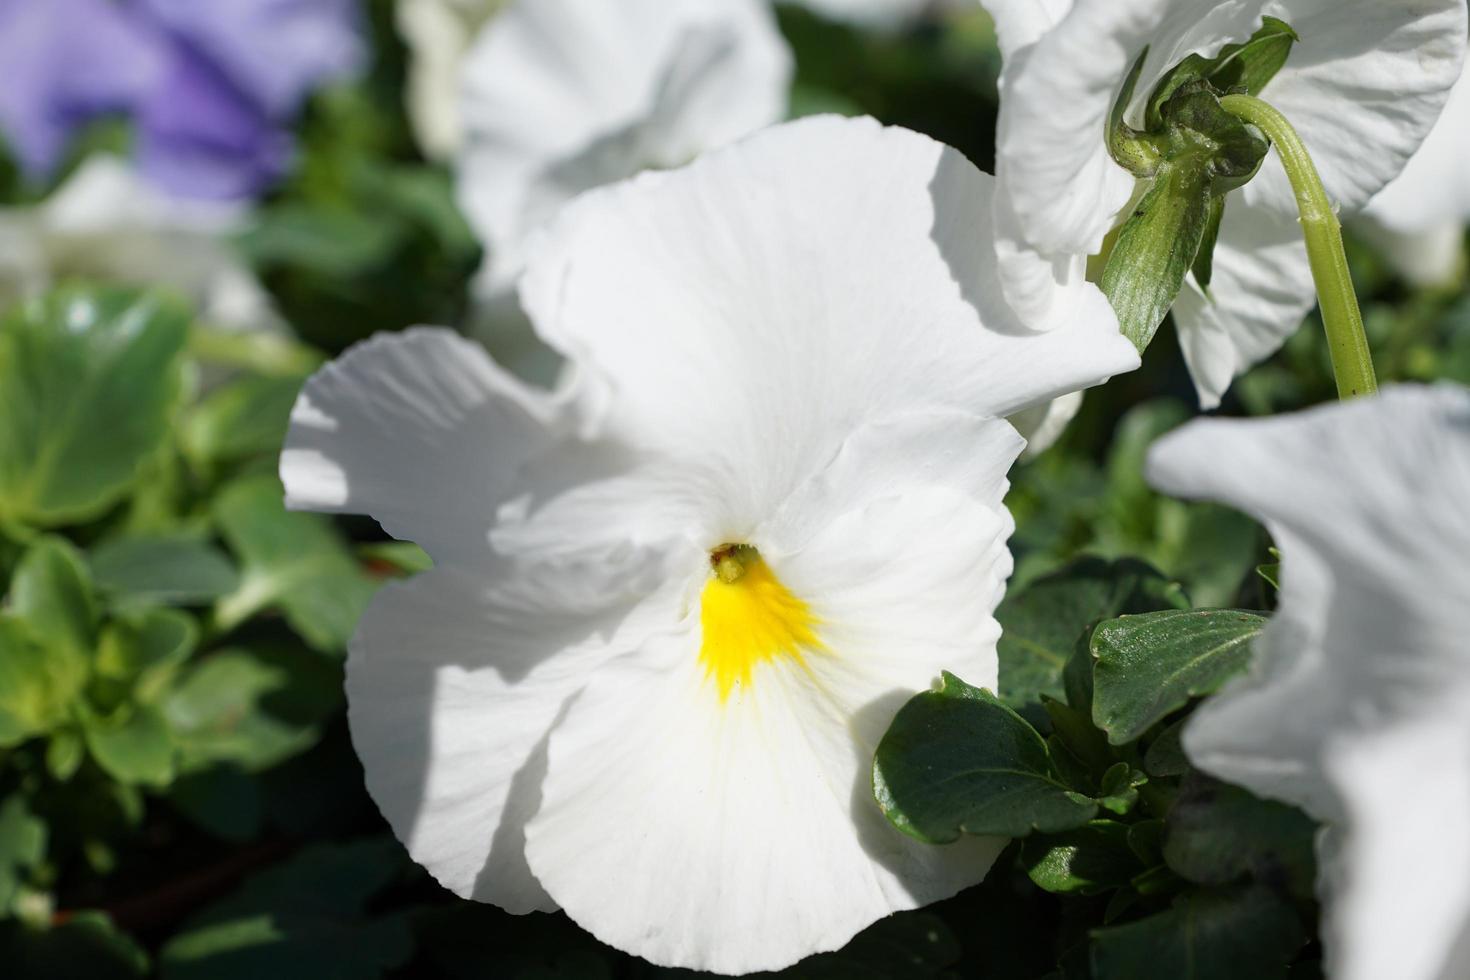 fiore bianco nel parco foto